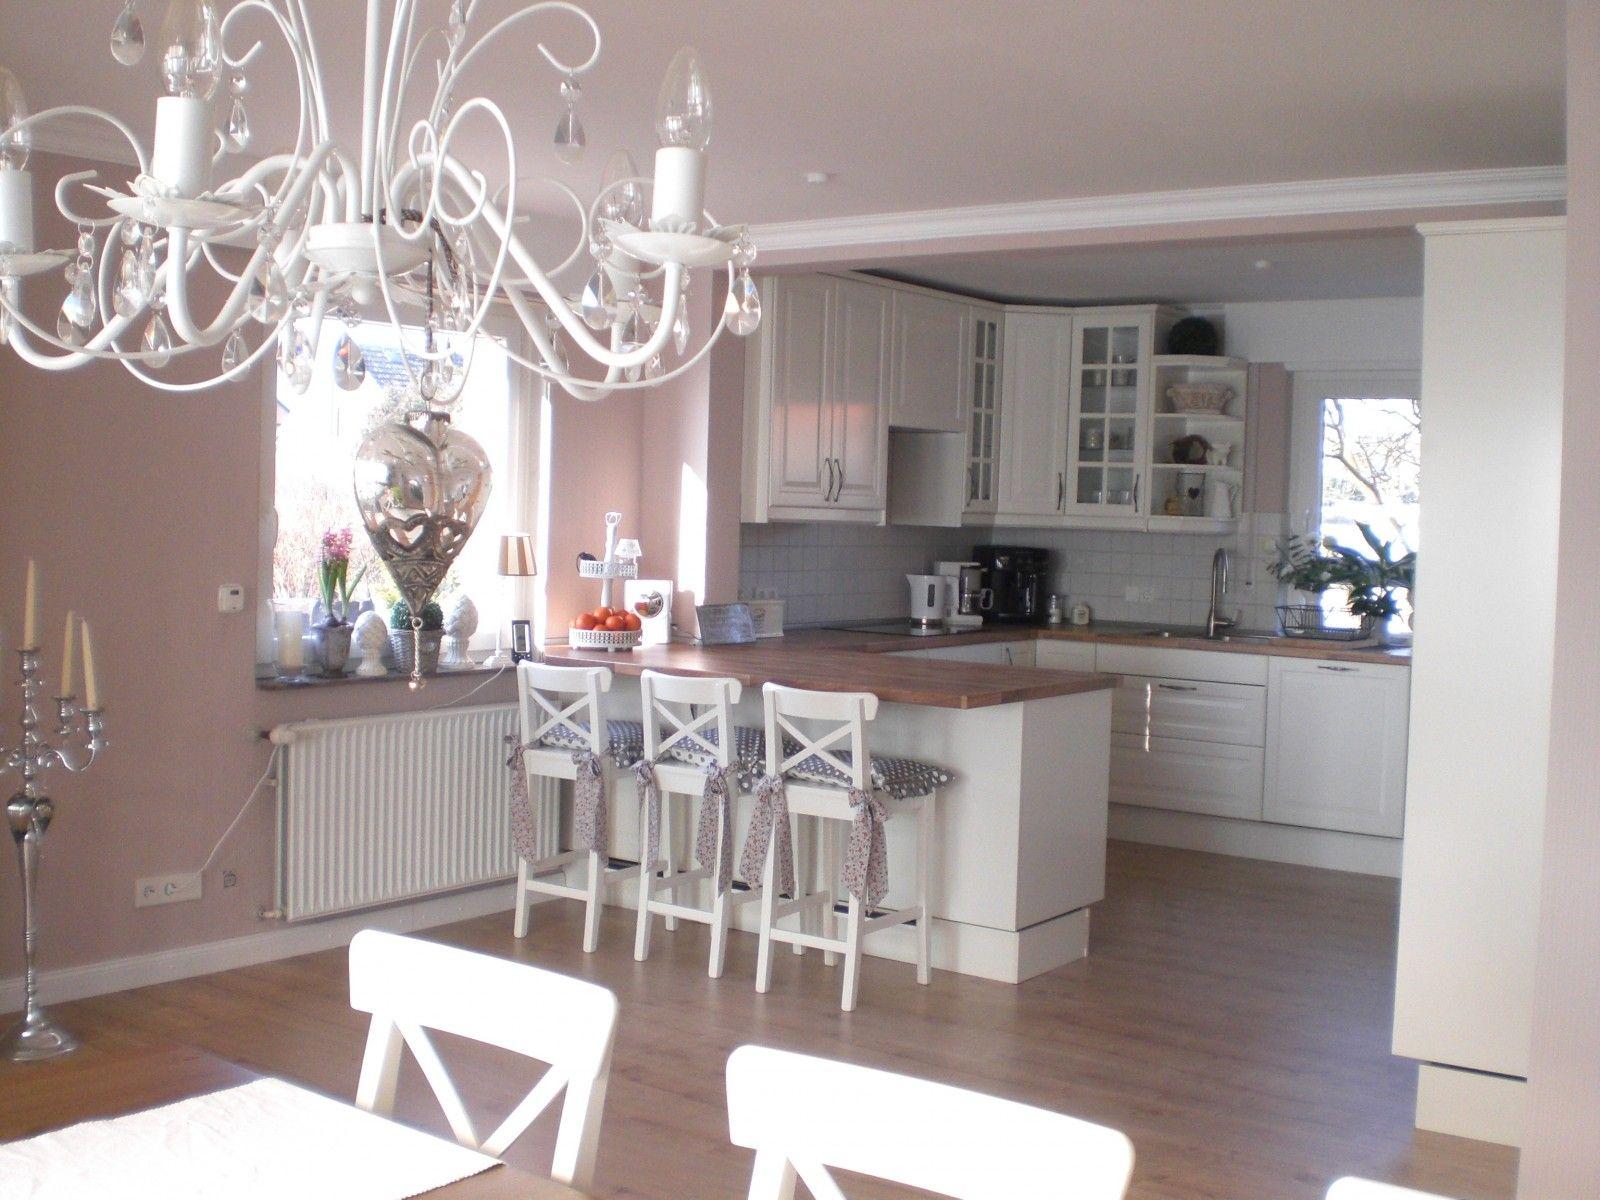 Küche uKücheu  Home decor  Pinterest  Küche Wohnen und Einrichtung